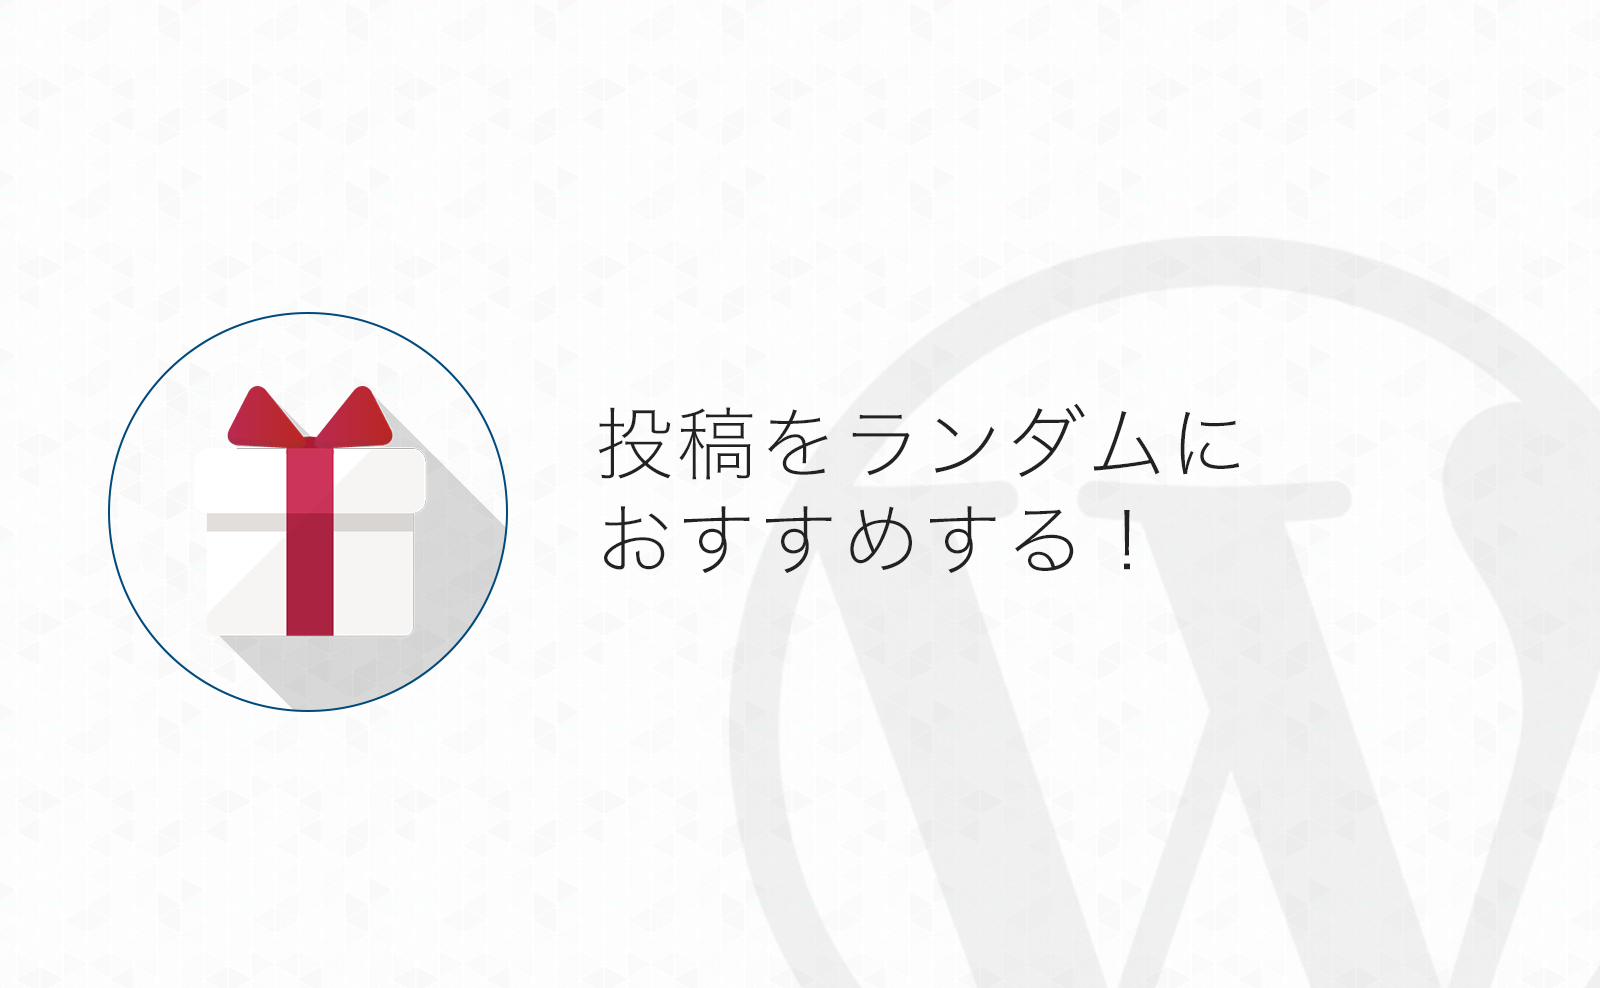 【WordPress】ランダムにおすすめ記事を紹介するびっくりボタンを作成するカスタマイズ